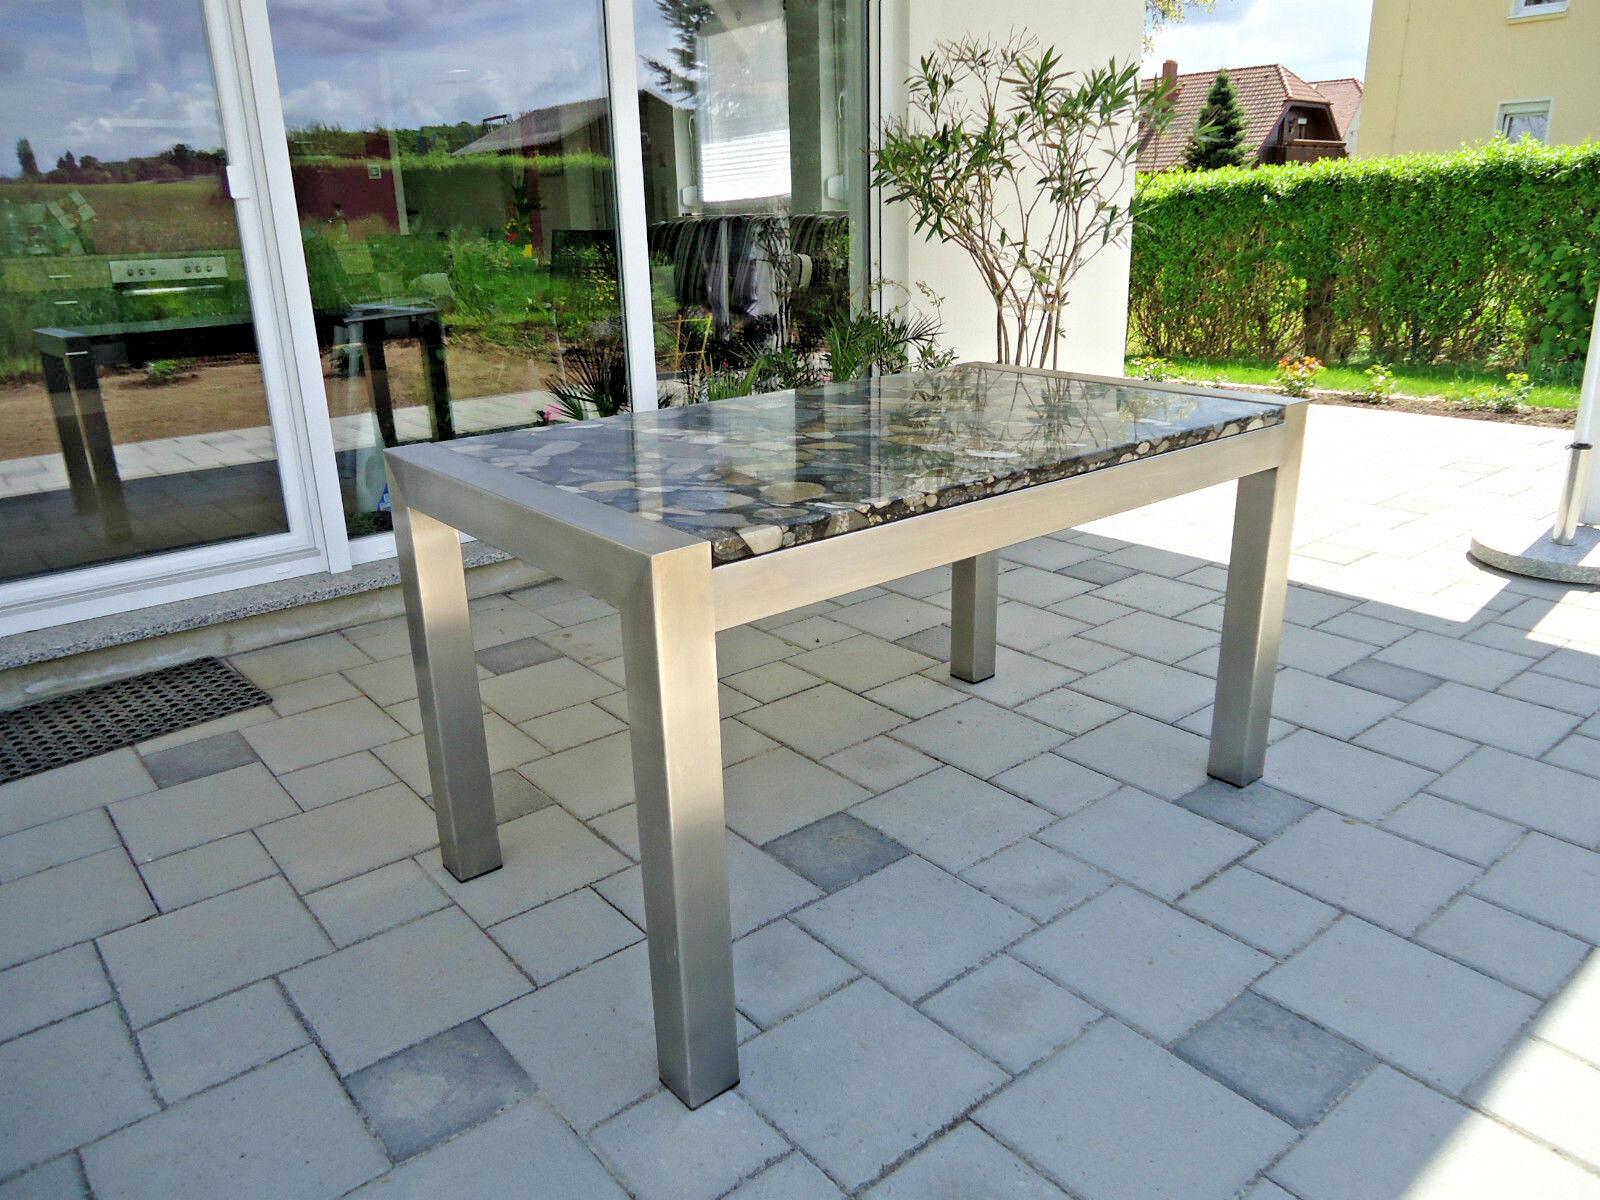 Gartentisch Rund Steinplatte Fotos Von Gartentisch Mit Steinplatte